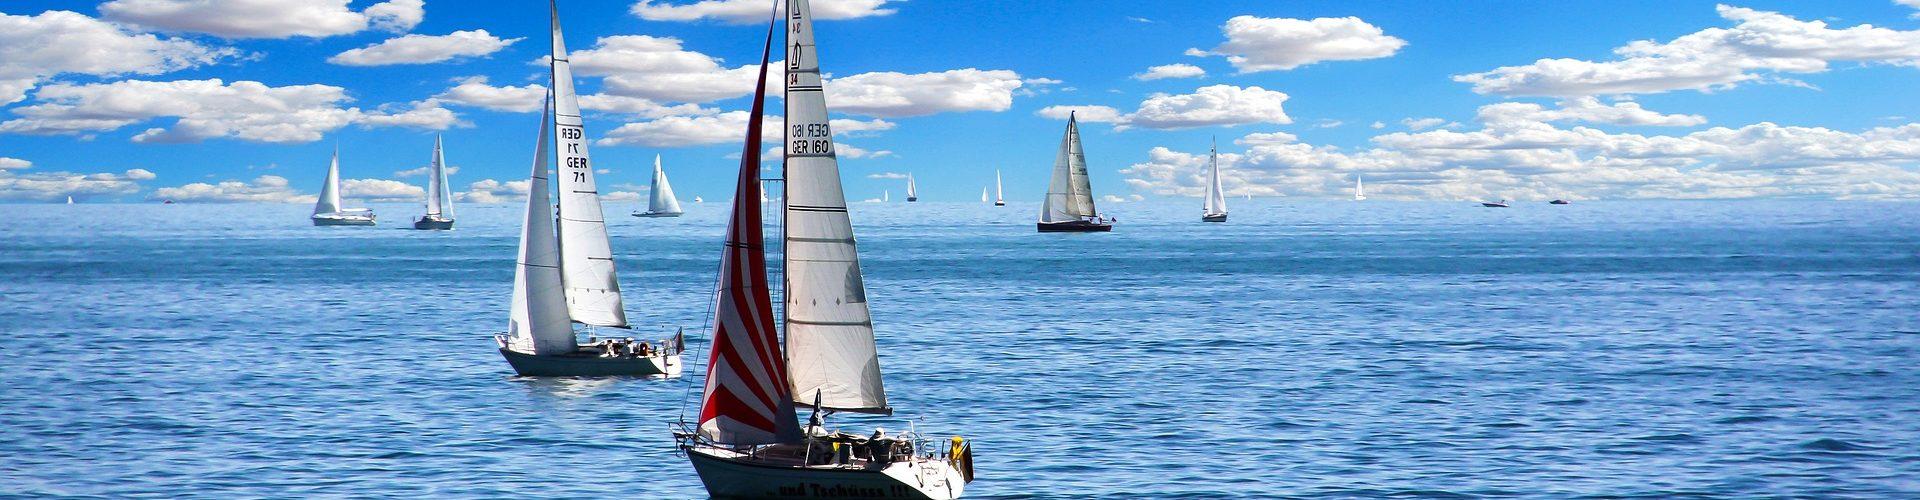 segeln lernen in Rheinau segelschein machen in Rheinau 1920x500 - Segeln lernen in Rheinau